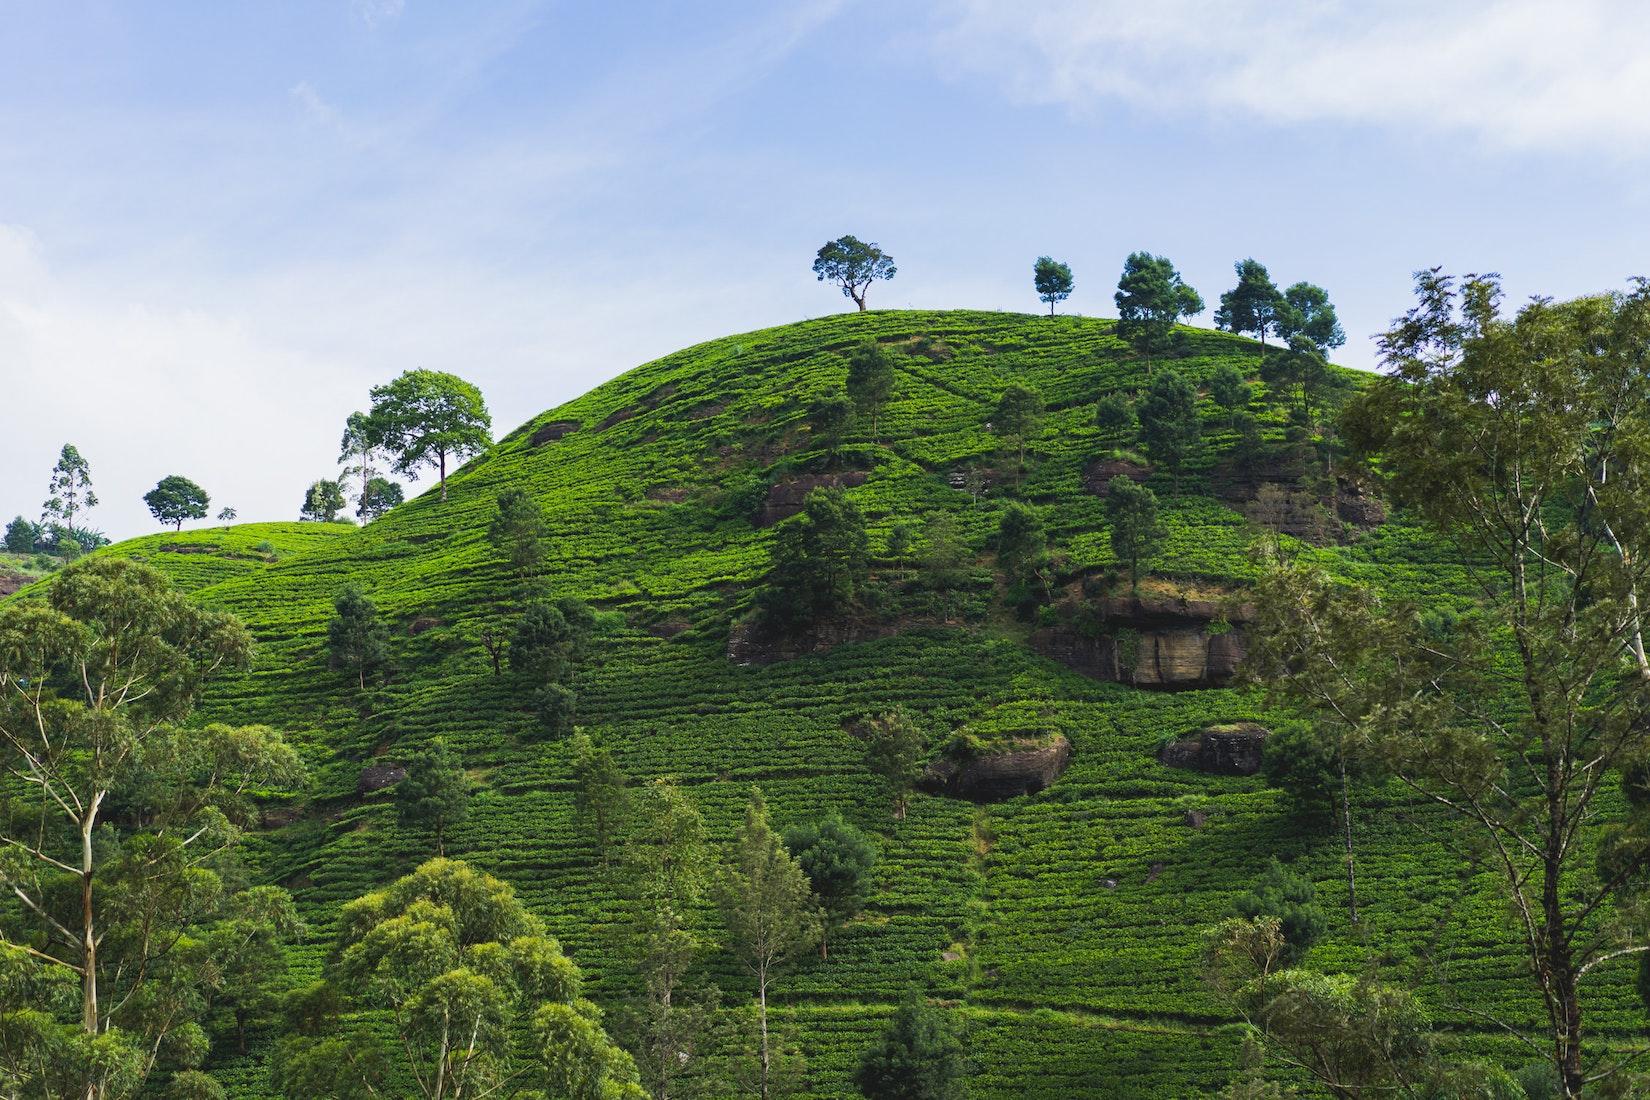 Green hills at Mackwoods